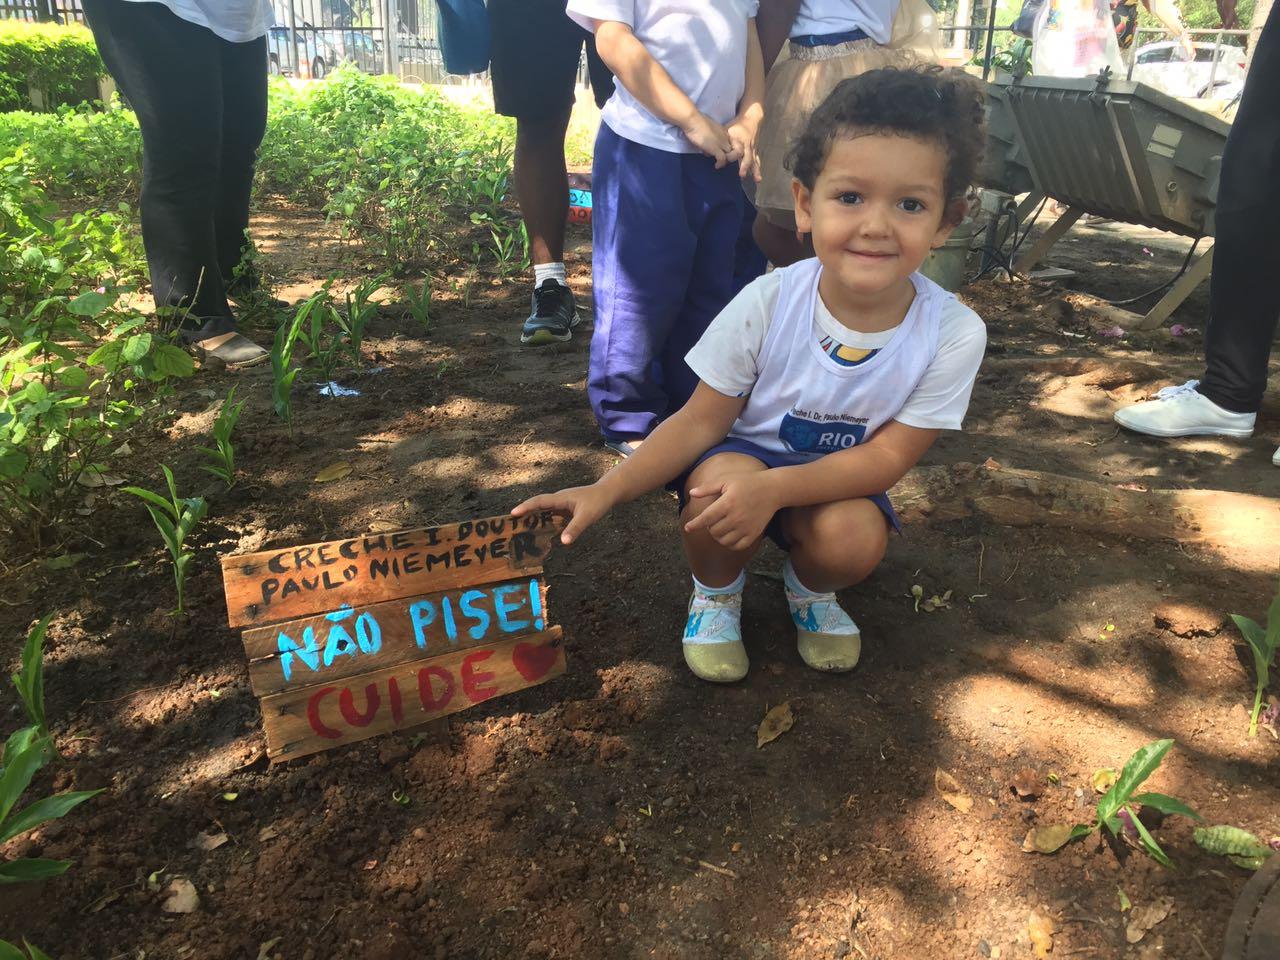 Creche Institucional e Comlurb realizam plantio de mudas no CASS